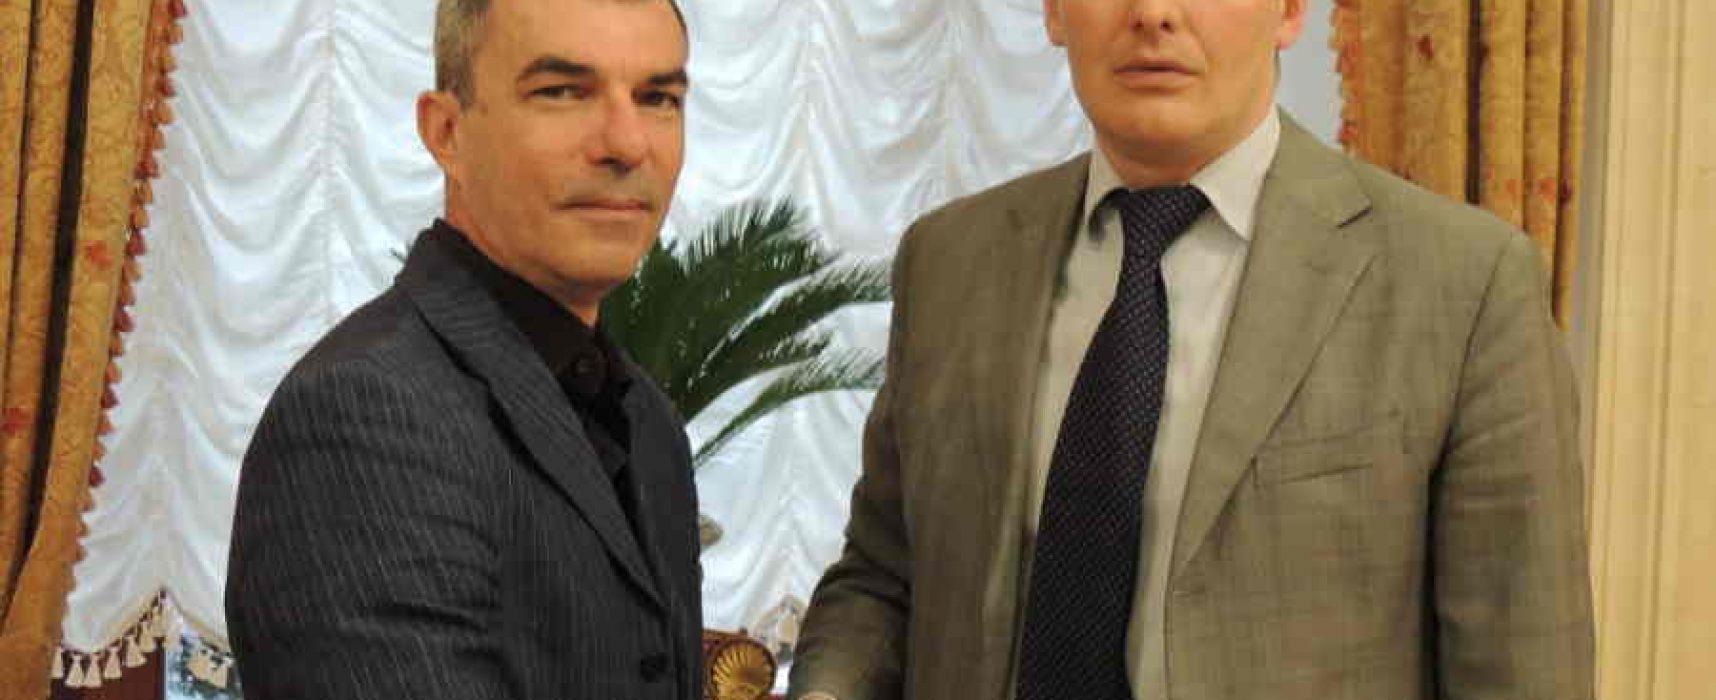 Фейк: украинская Генпрокуратура не содействует расследованию убийства итальянского журналиста